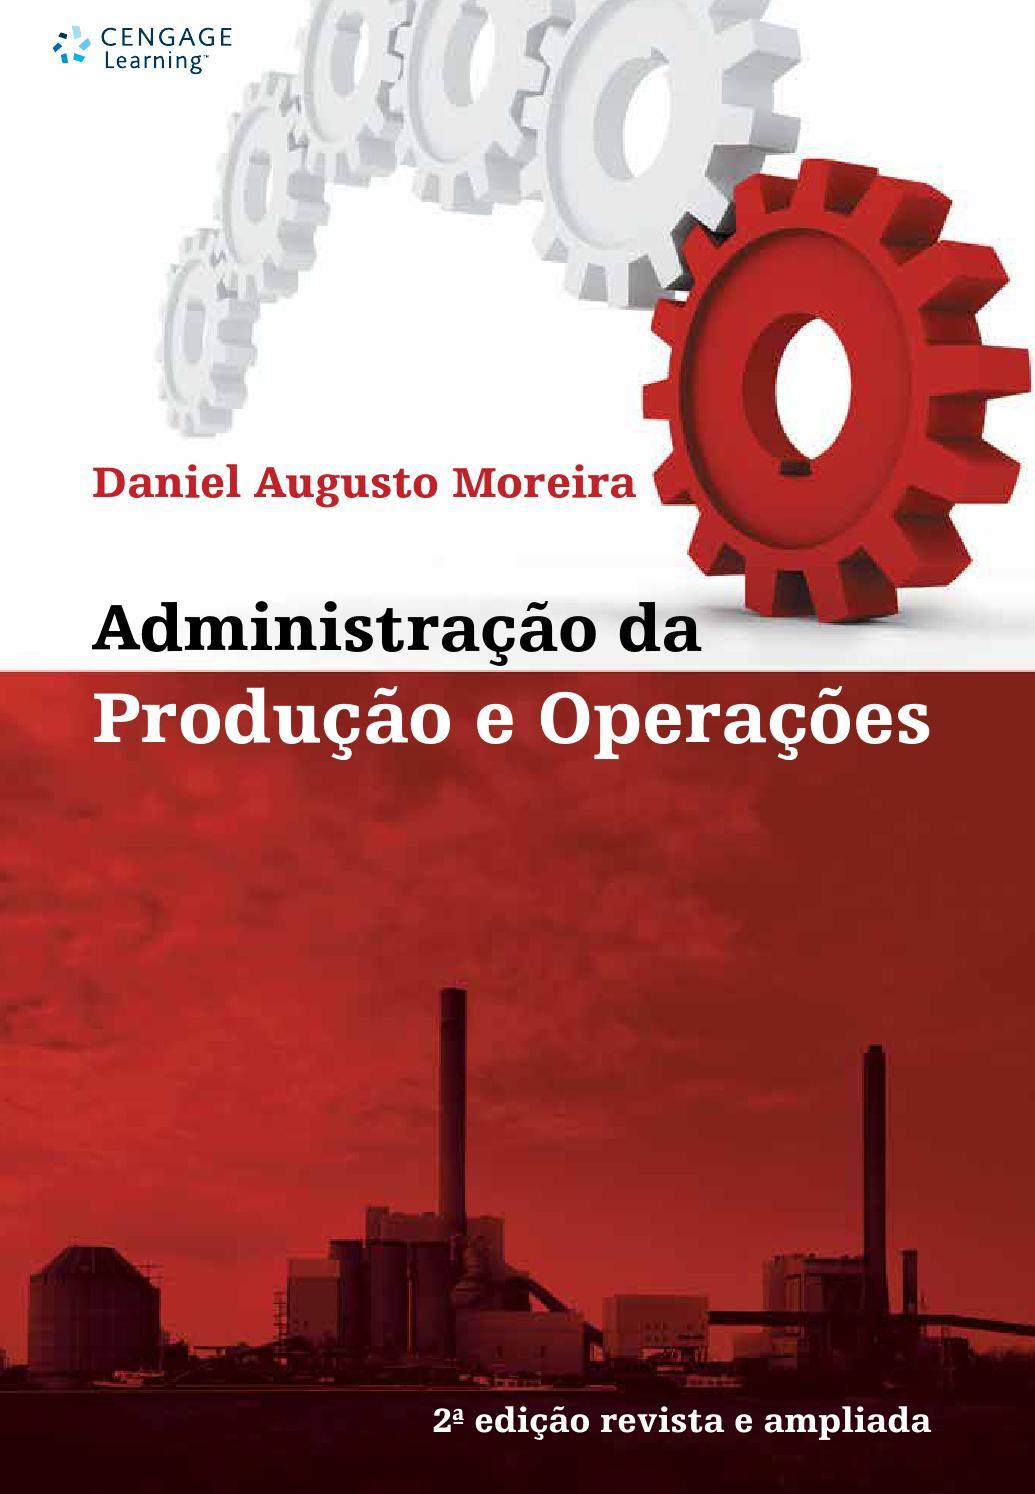 Administração da Produção e Operações by Cengage Brasil